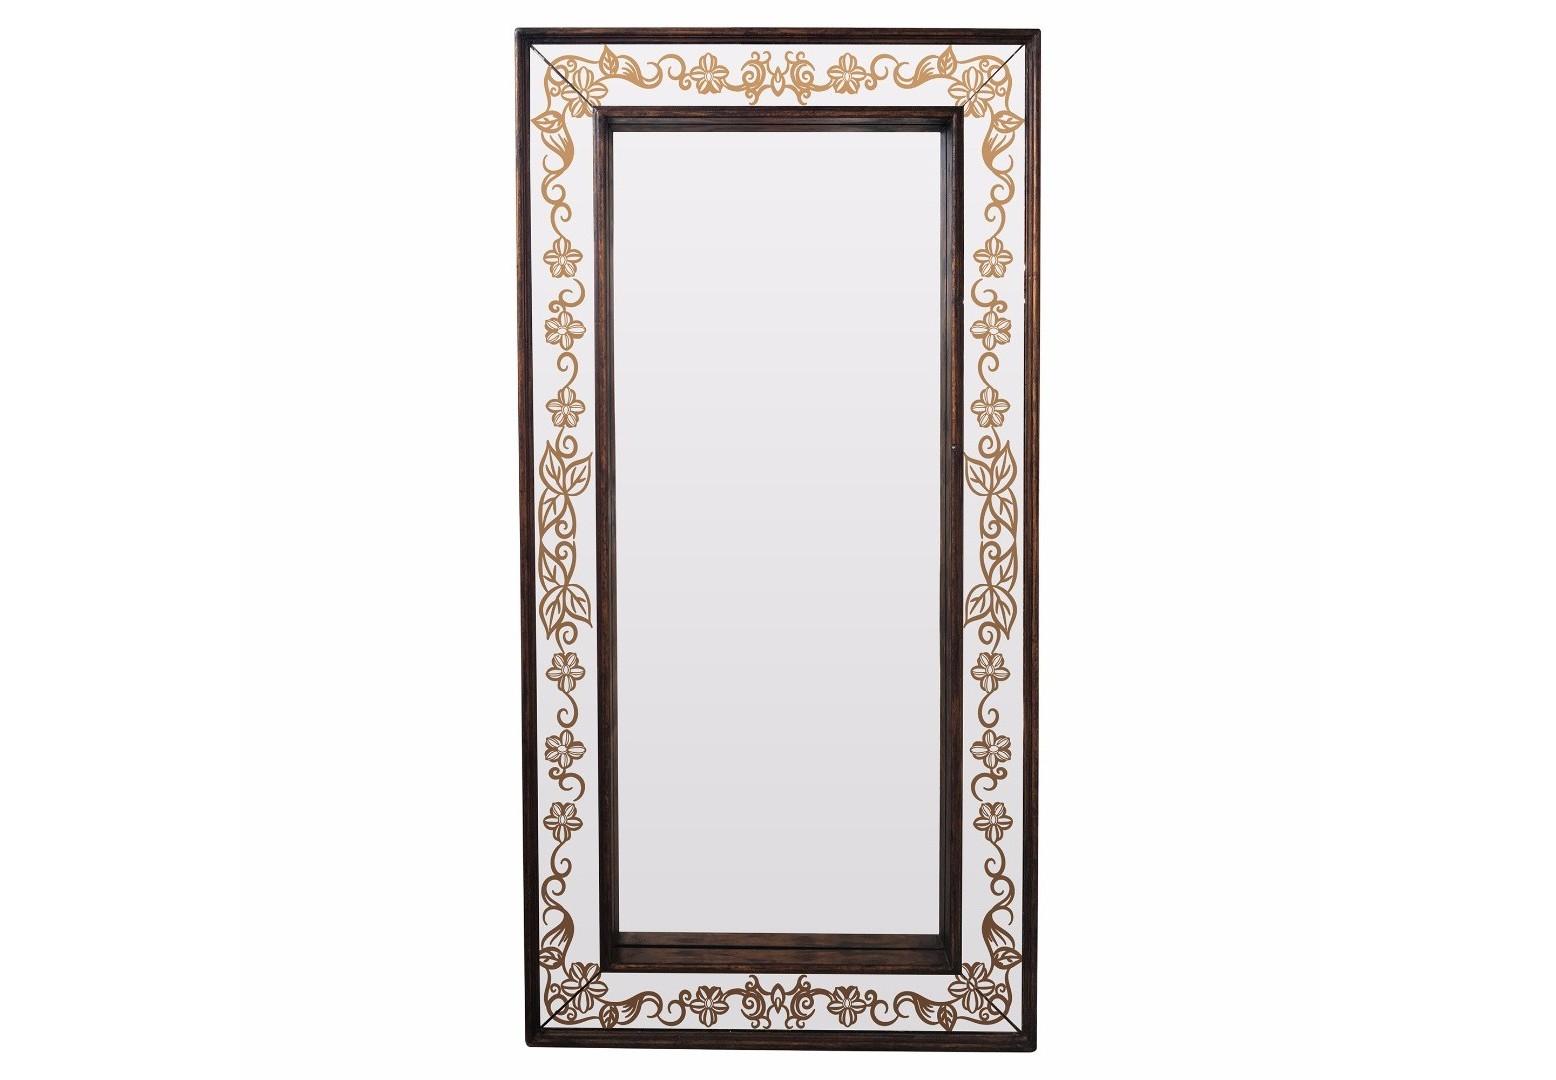 Зеркало Mid ExultancyНастенные зеркала<br>Коллекции B-Home – это дизайнерские зеркала, зеркальная мебель и предметы интерьера за доступные деньги. Все изделия от и до мы создаем сами в нашей мастерской. Каждое – это уникальное произведение, арт-объект со своей историей и мелодией. Мы следим за современными трендами, лично отбираем лучшие материалы и каждый день трудимся над созданием новых шедевров, которые будут радовать вас. Если вы ищете что-то действительно качественное, стоящее и эксклюзивное, что сделано с душой и руками человека, BountyHome придется вам по вкусу!&amp;lt;div&amp;gt;&amp;lt;br&amp;gt;&amp;lt;/div&amp;gt;&amp;lt;div&amp;gt;Материал: массив дерева, классическое зеркало.&amp;lt;br&amp;gt;&amp;lt;/div&amp;gt;<br><br>Material: Кукуруза<br>Ширина см: 71.0<br>Высота см: 141.0<br>Глубина см: 10.0